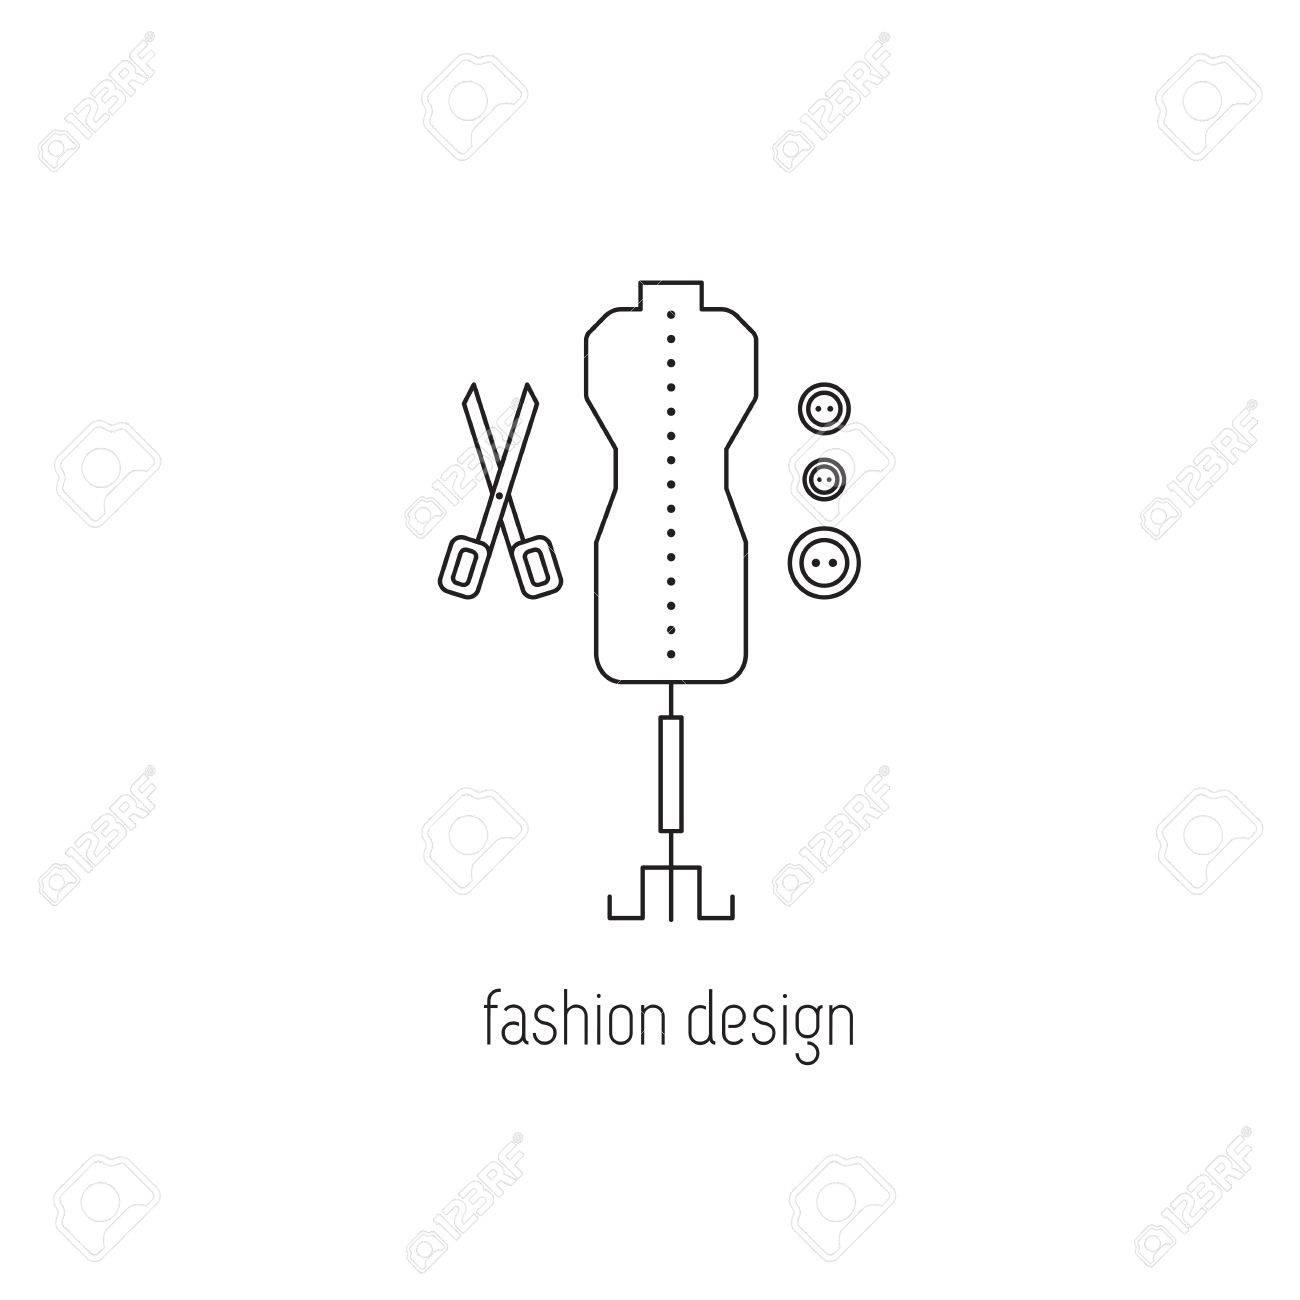 Licne De La Ligne Conception Design Mode Mannequin Ciseaux Et Boutons Symbole Isol Modle Logo Lment Pour Carte Visite Ou Annonce